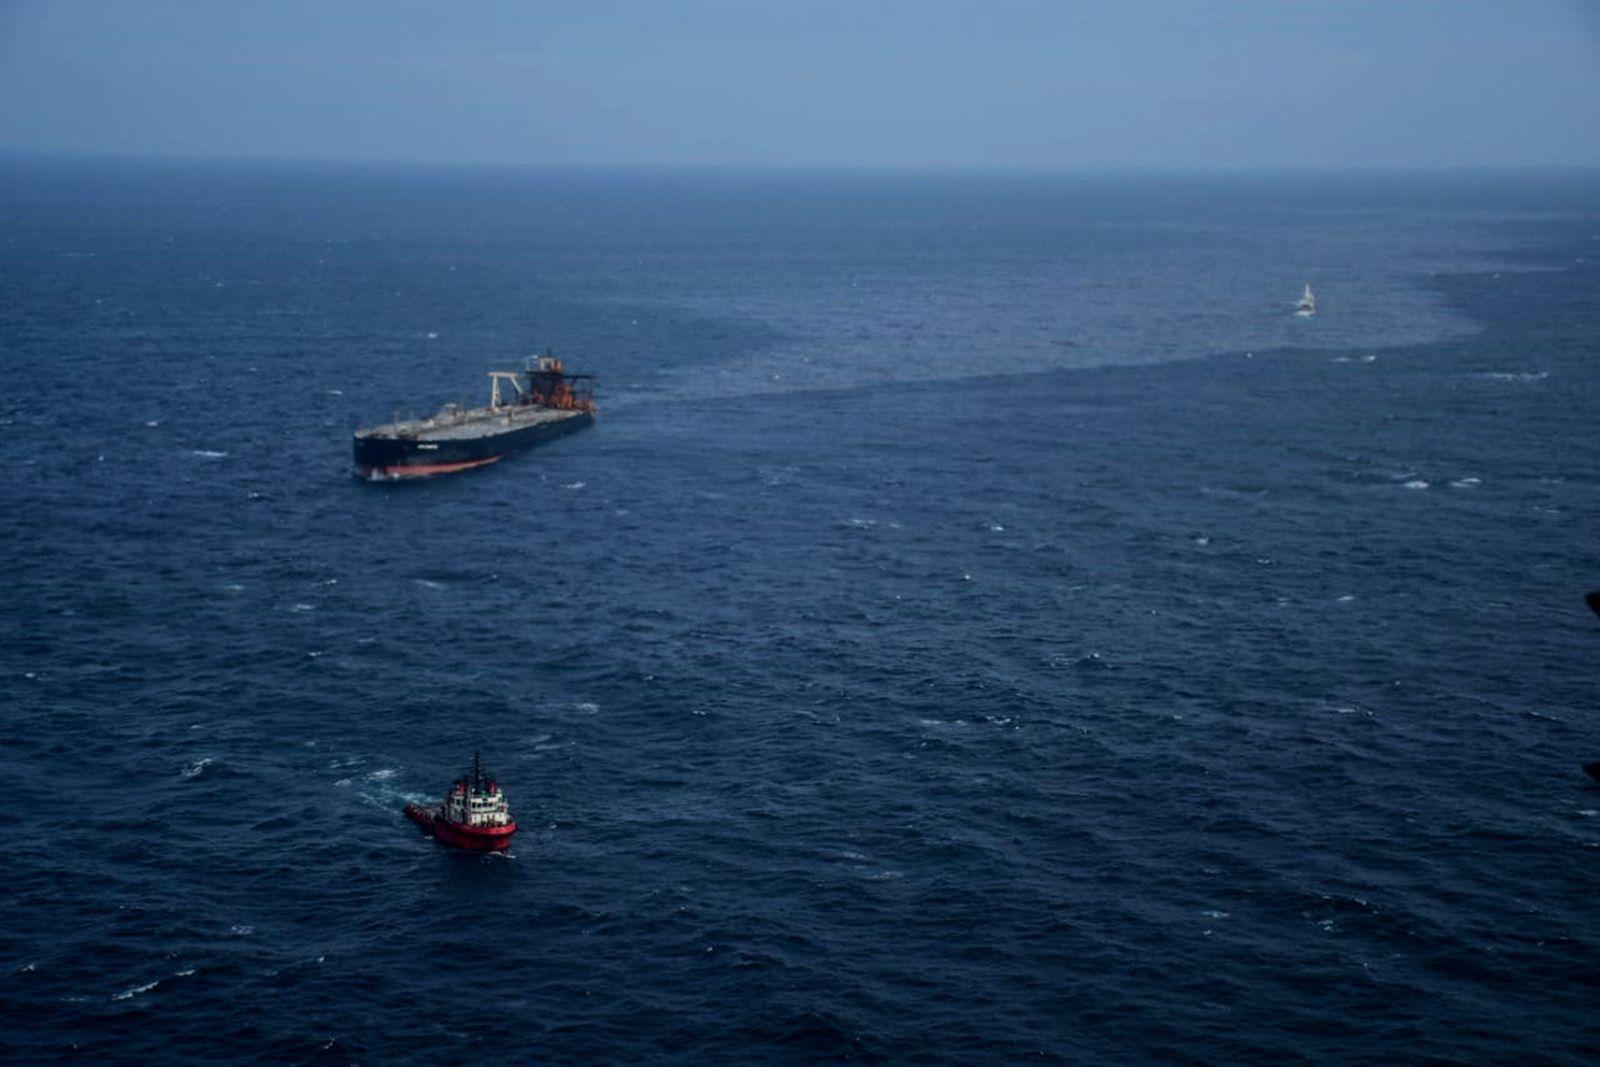 MT New Diamond on fire off the coast of Sri Lanka, At Sea - 09 Sep 2020